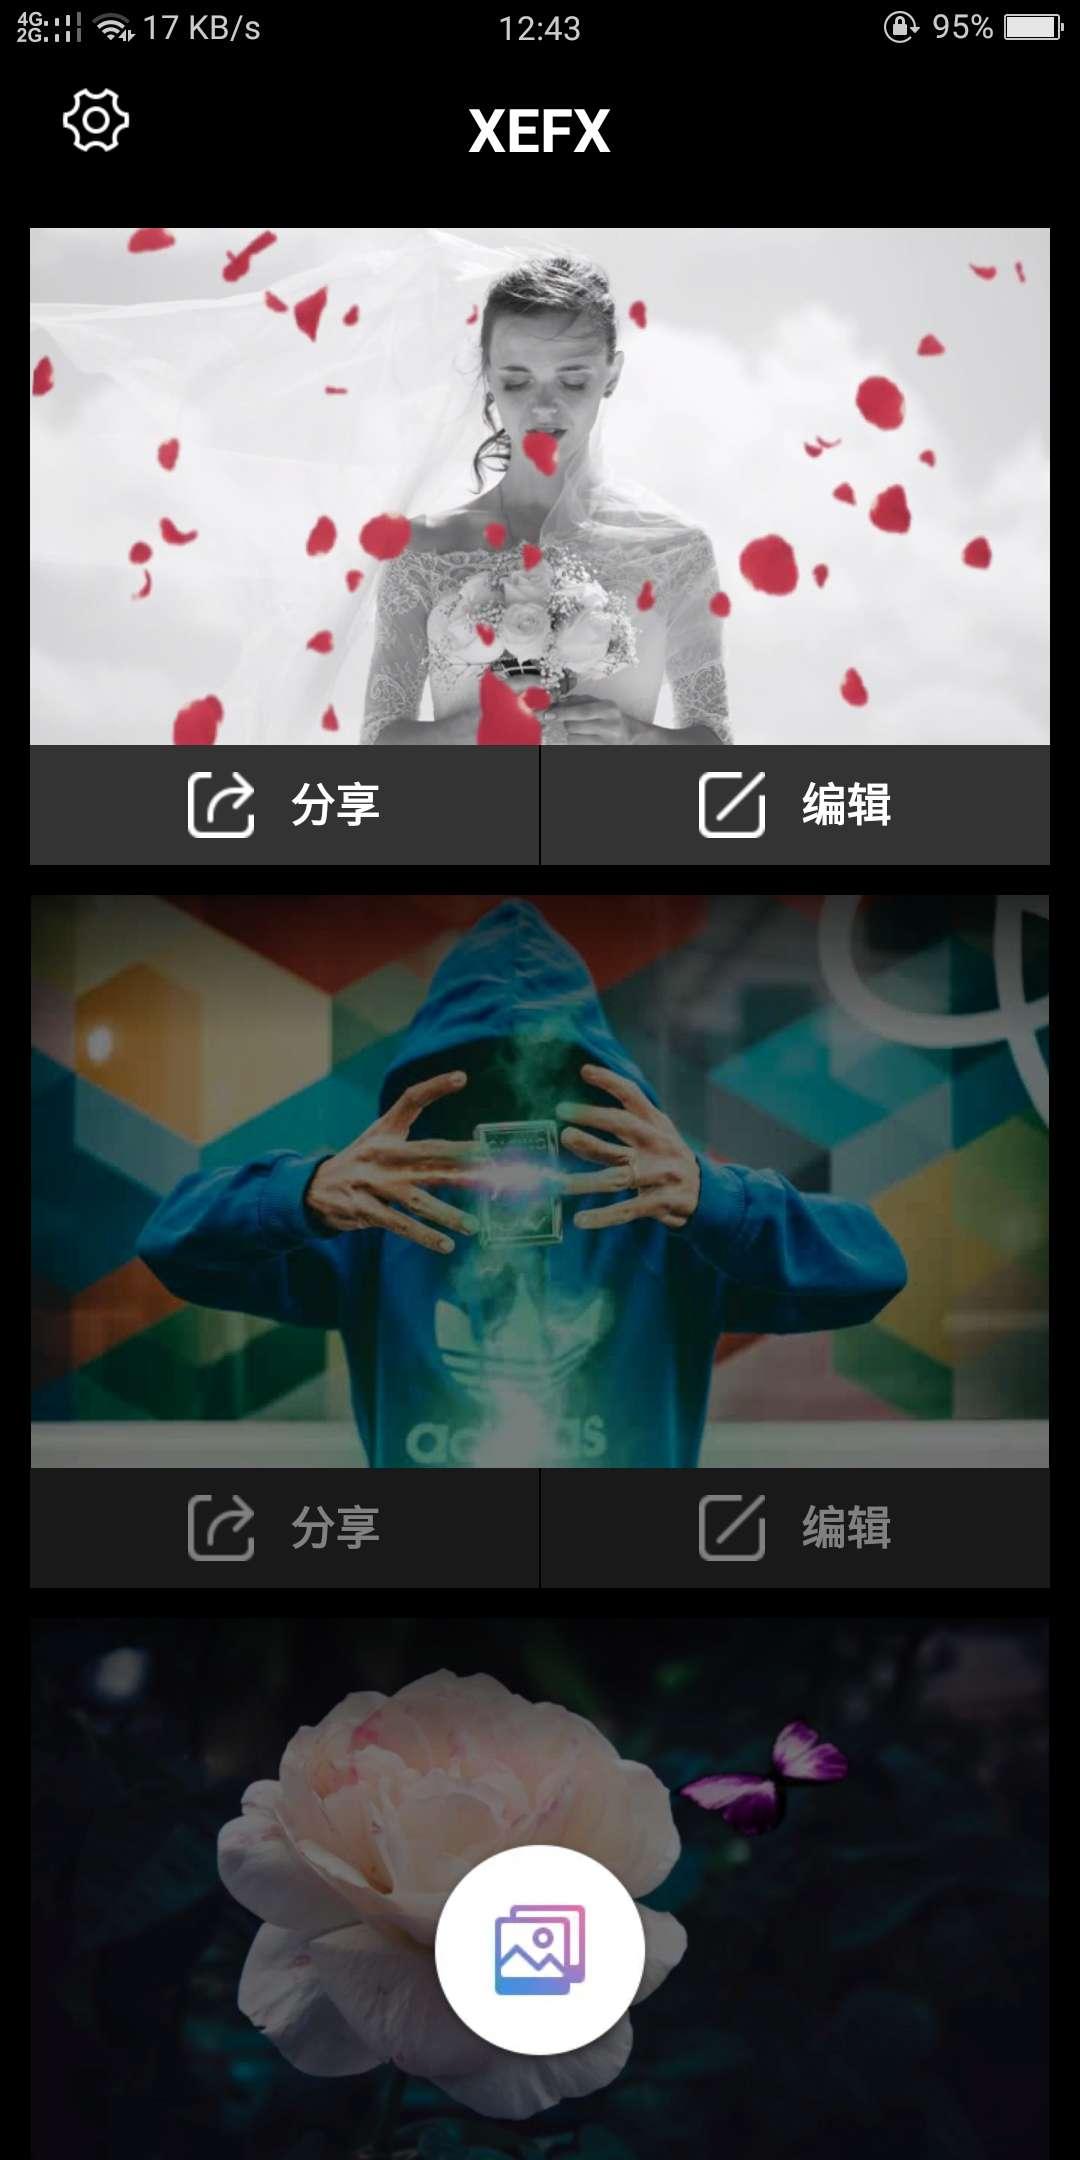 【分享】玩效AR特效相机v1.7.2——解锁PRO功能